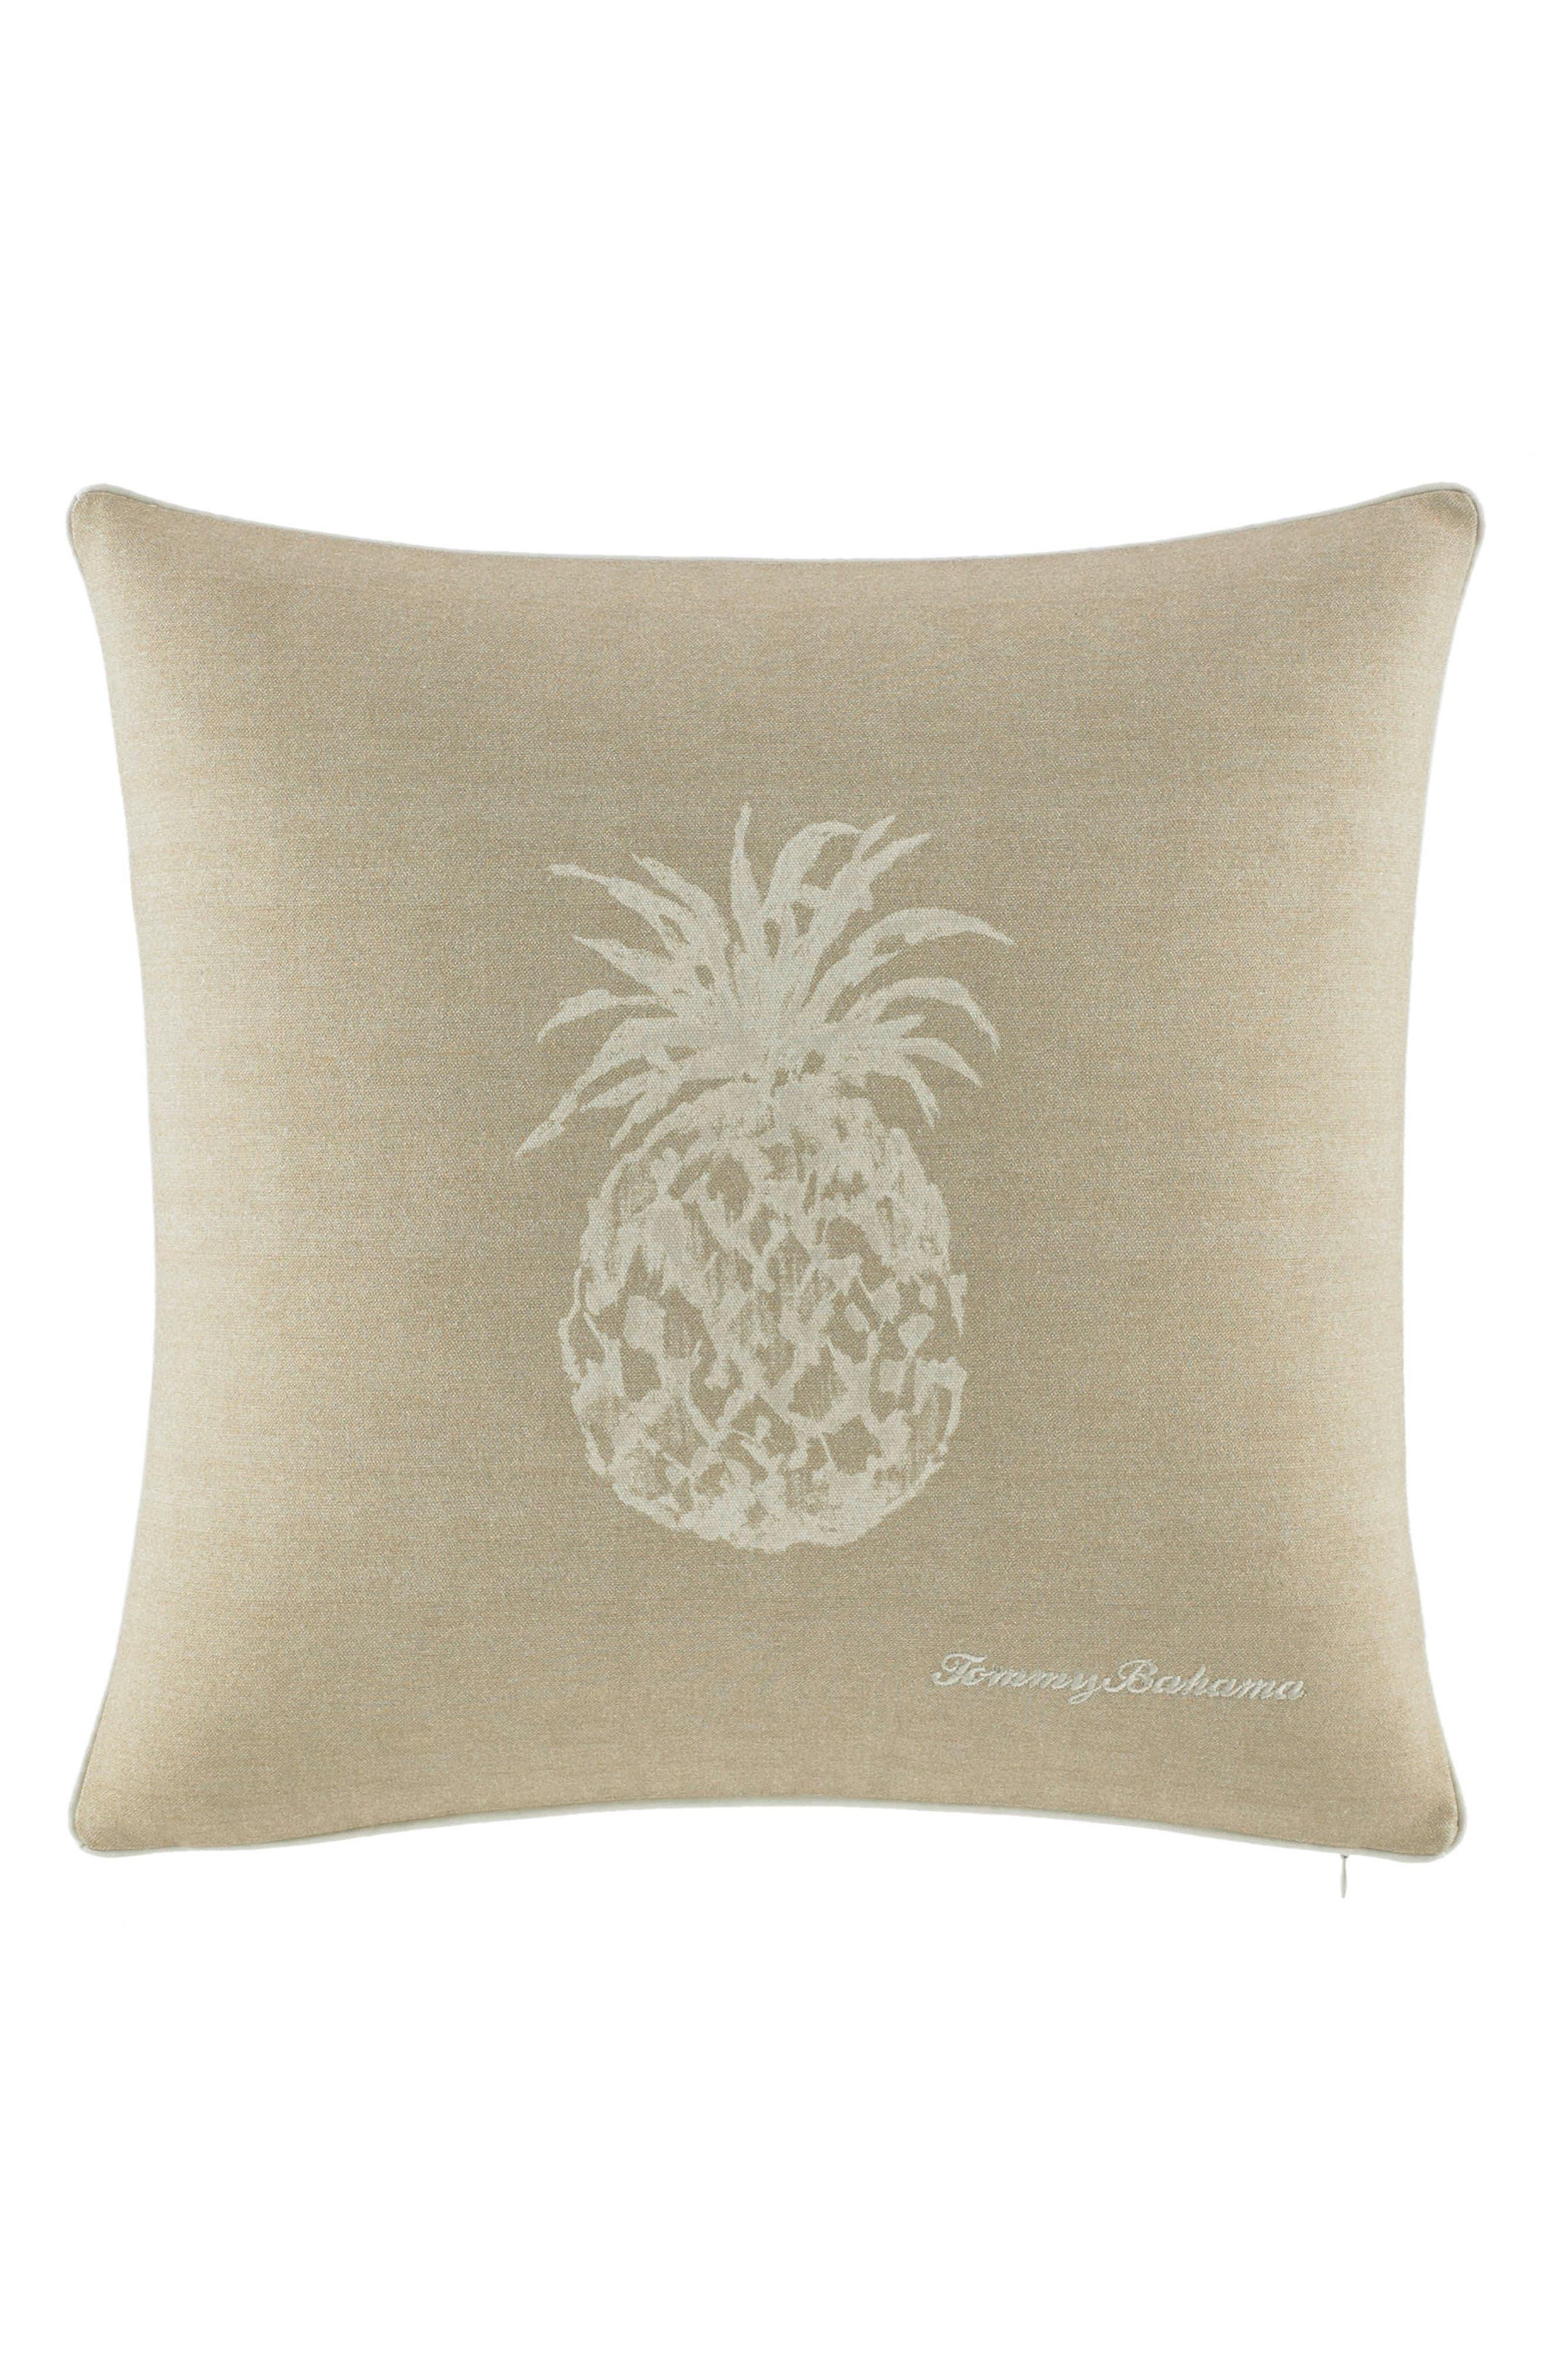 Pineapple Canvas Accent Pillow,                         Main,                         color, Khaki